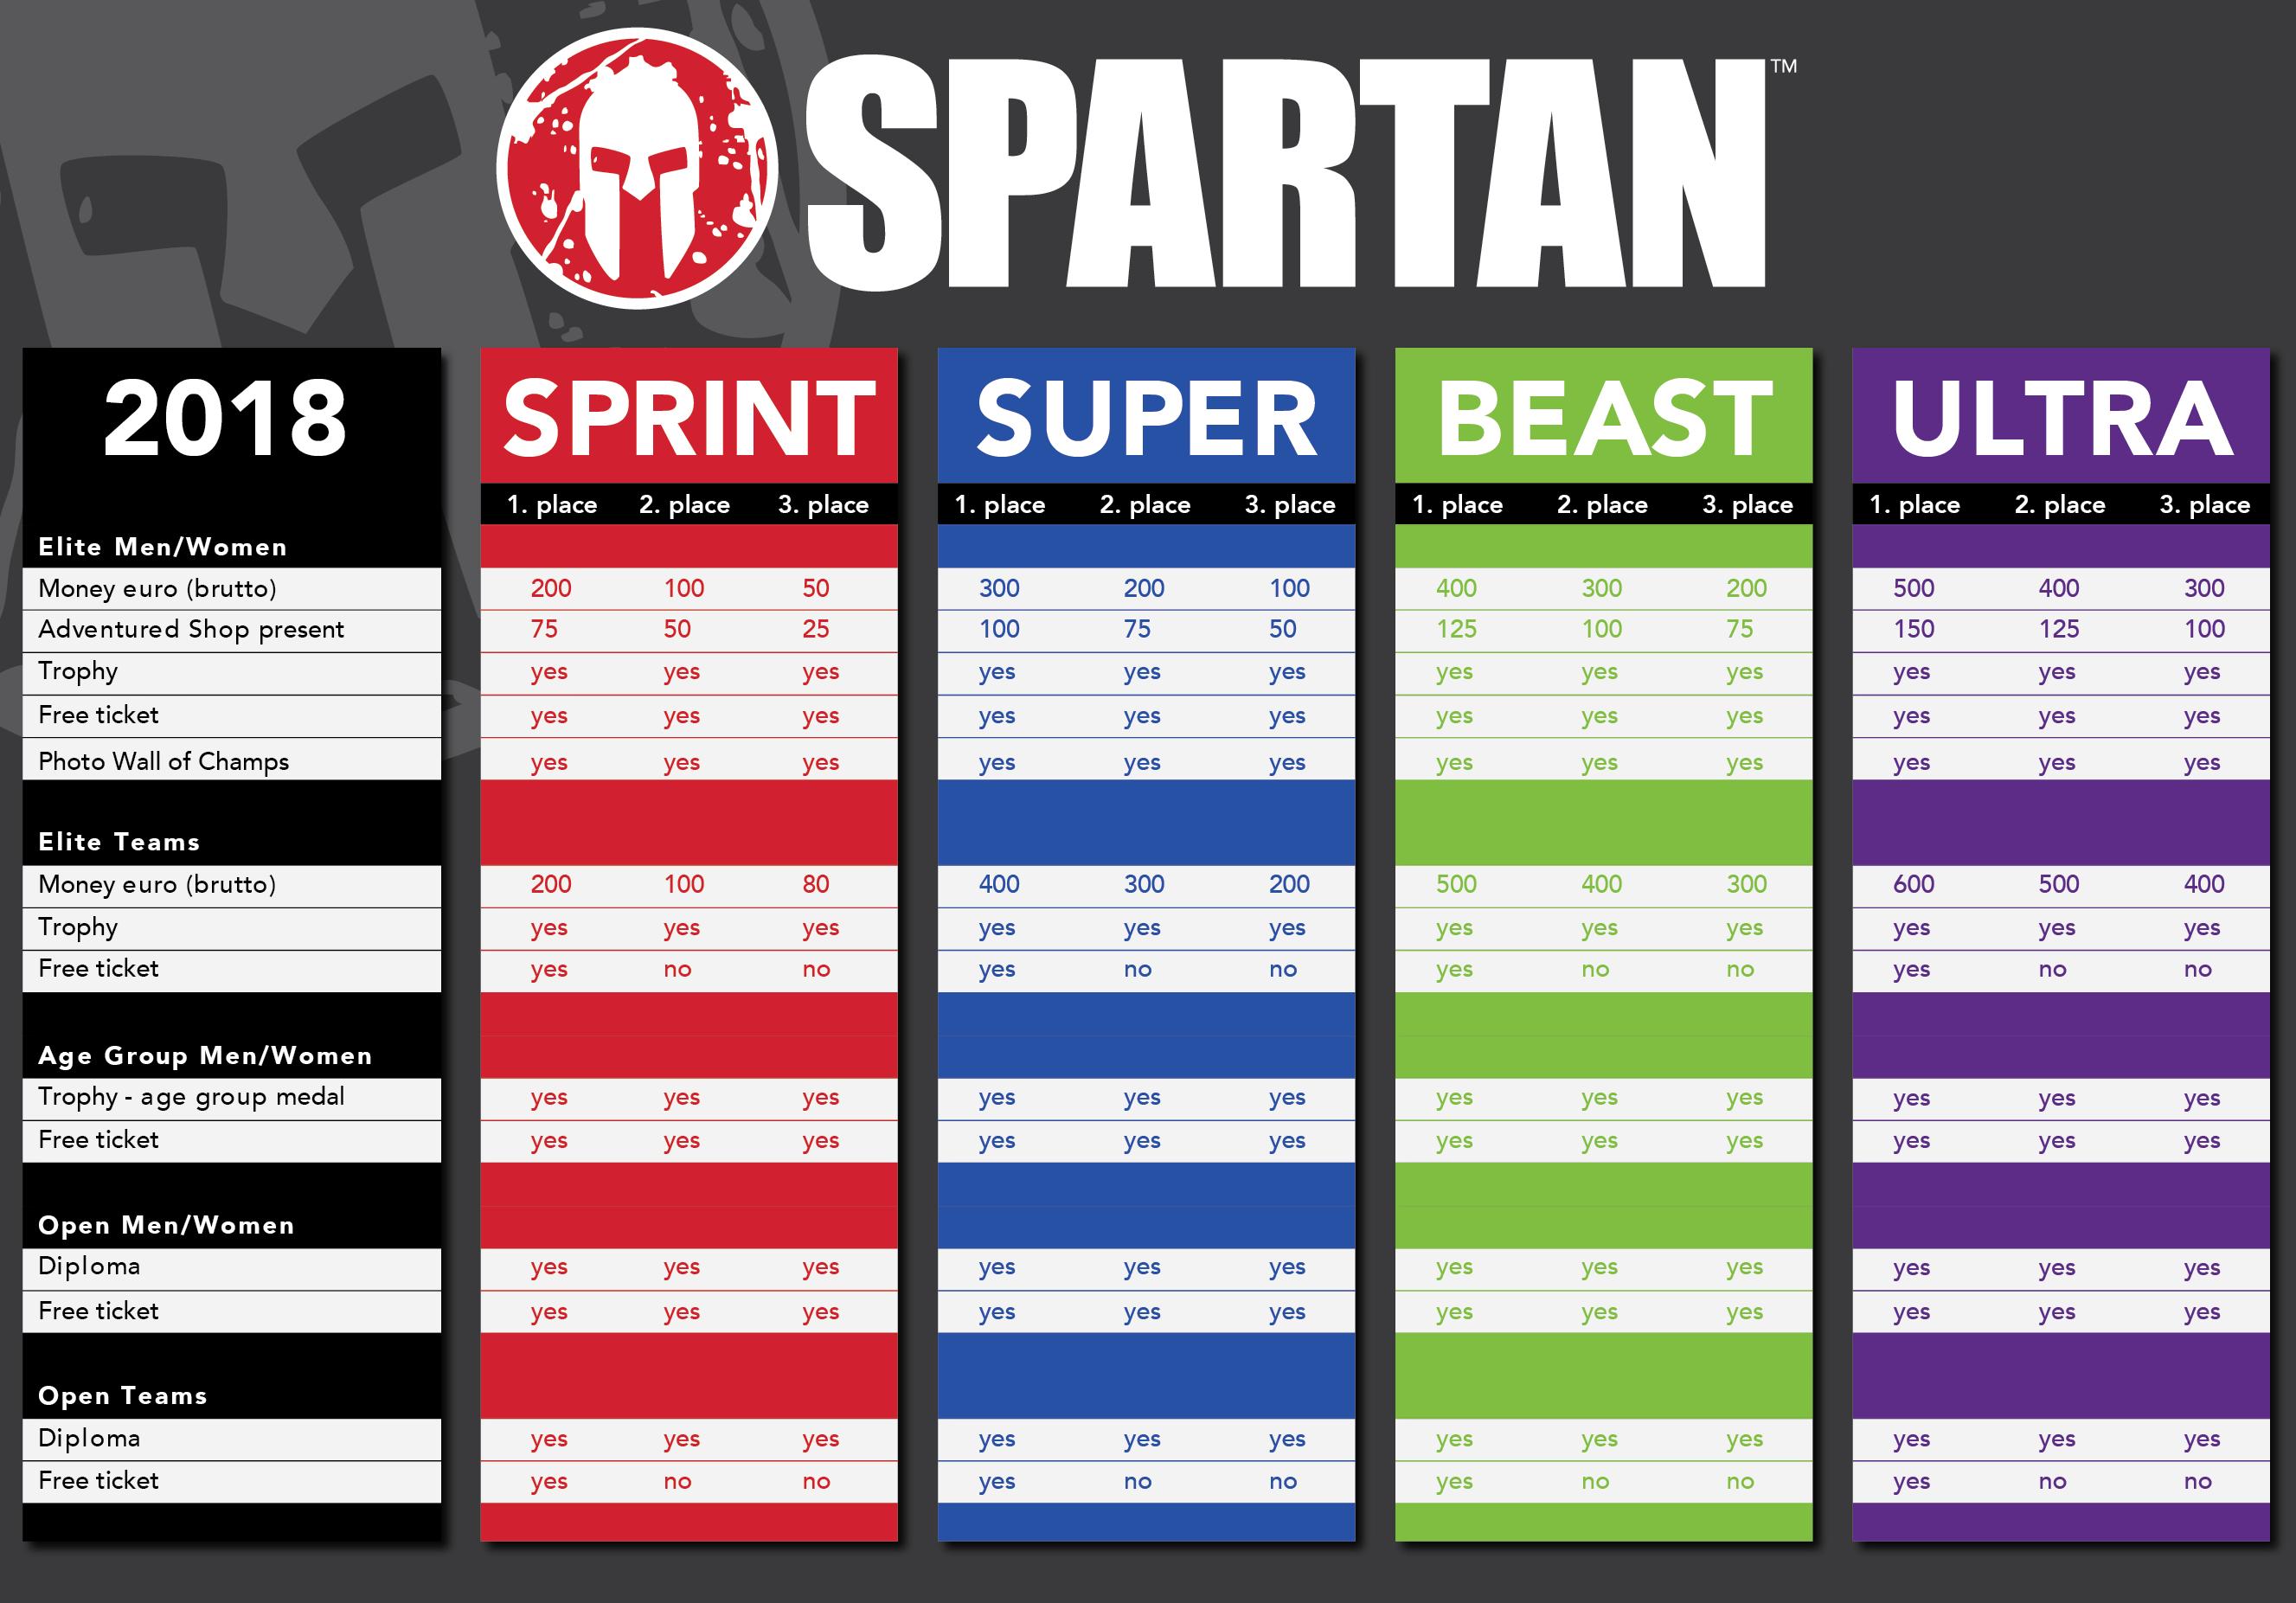 Spartan race coupons 2019